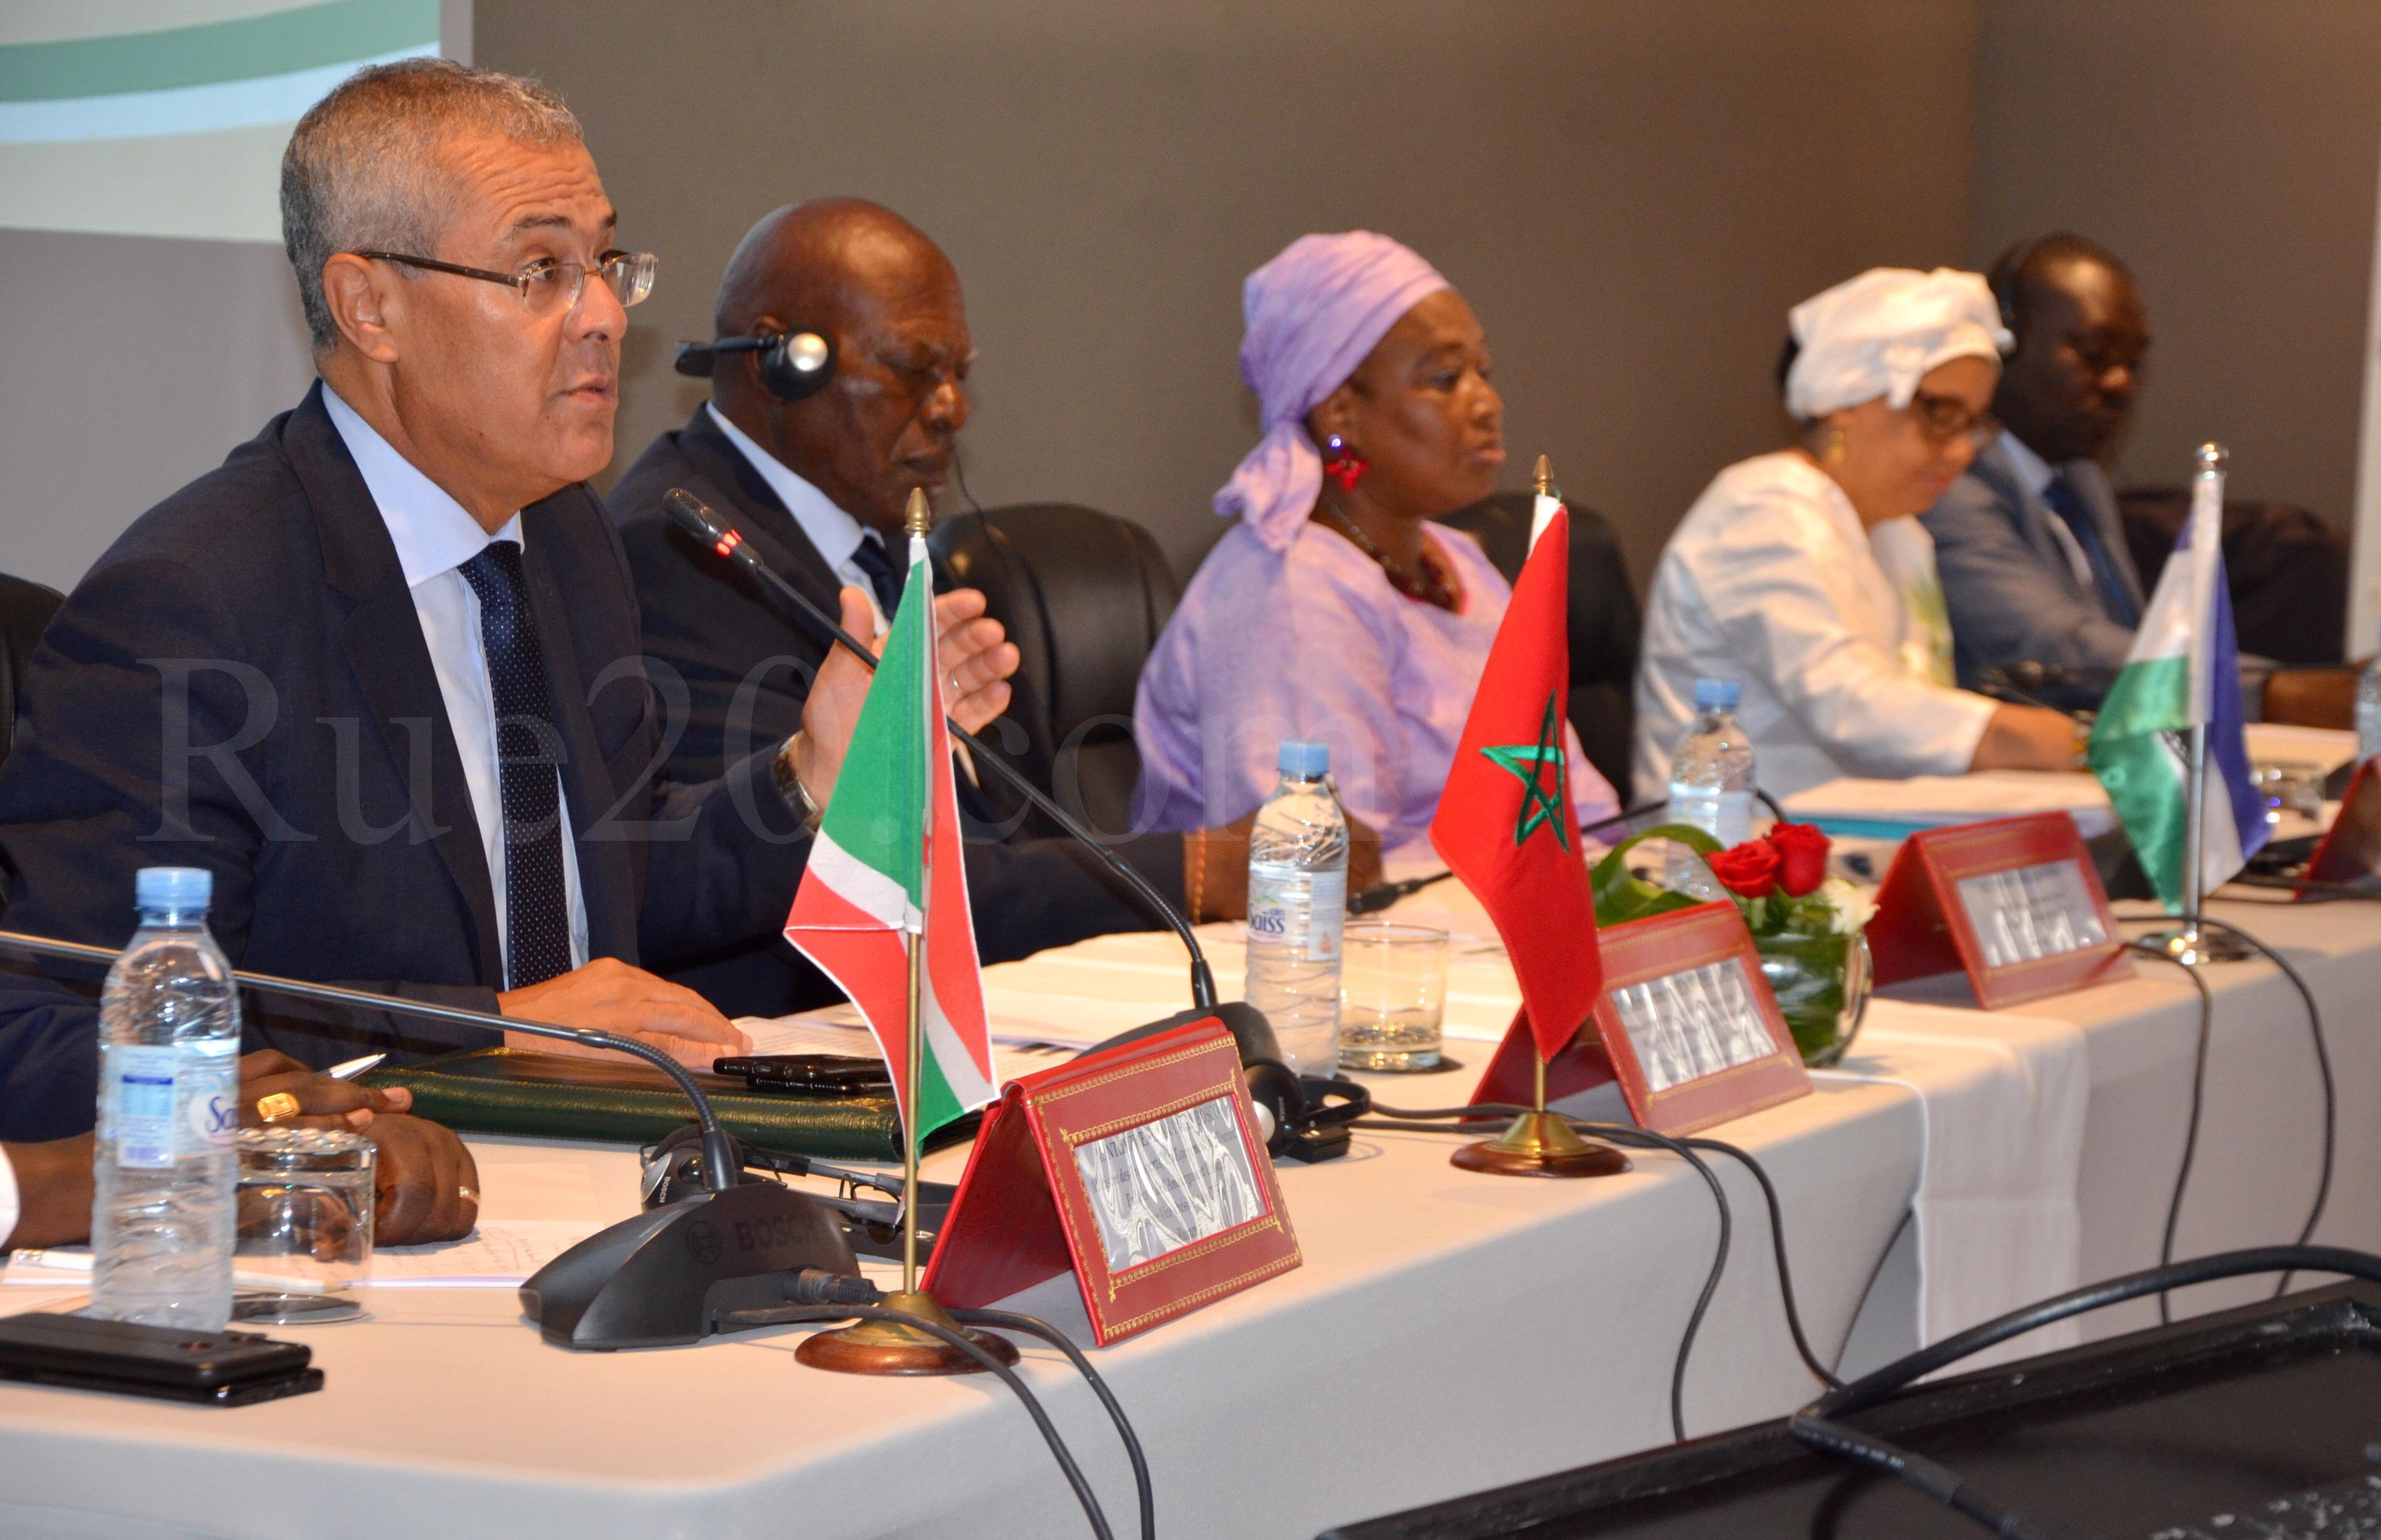 الأفارقة يُشددون من الرباط على أهمية تحديث الإدارة وتعزيز اللامركزية والحكامة المحلية